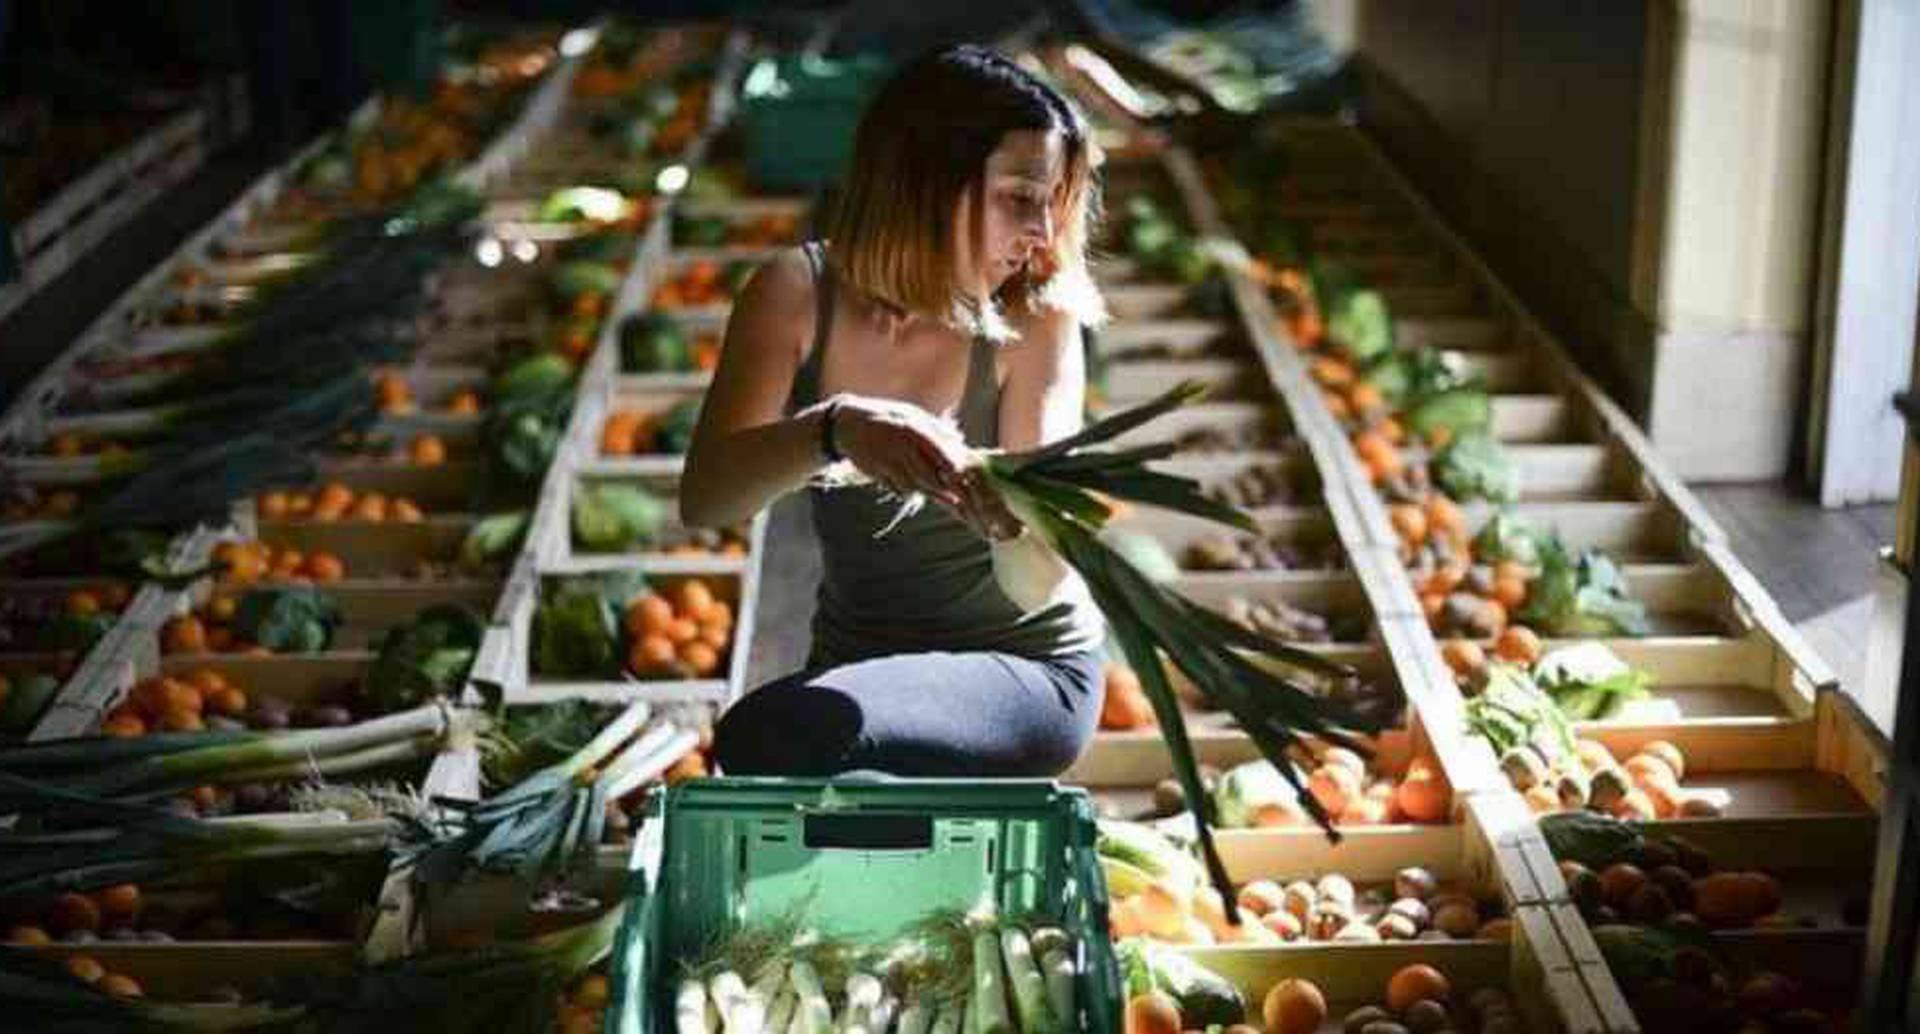 Hay estrategias para reducir la cantidad de alimentos que desperdiciamos. Foto: Getty Images